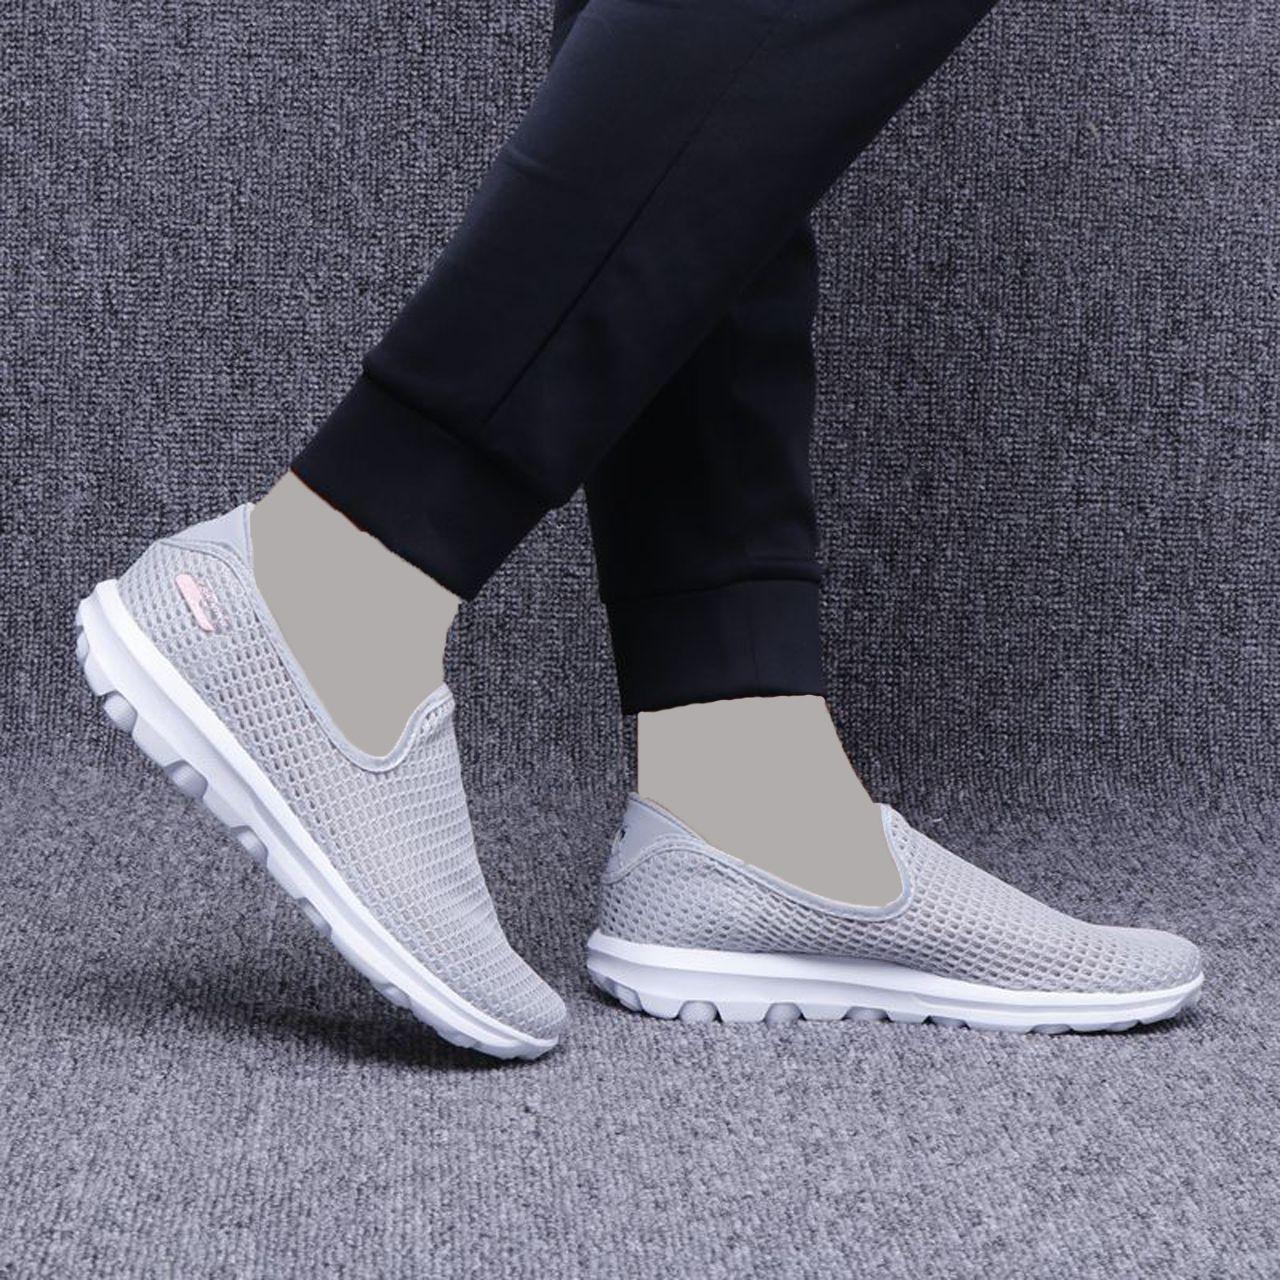 کفش مخصوص پیاده روی زنانه 361 درجه کد 581824421 -  - 7